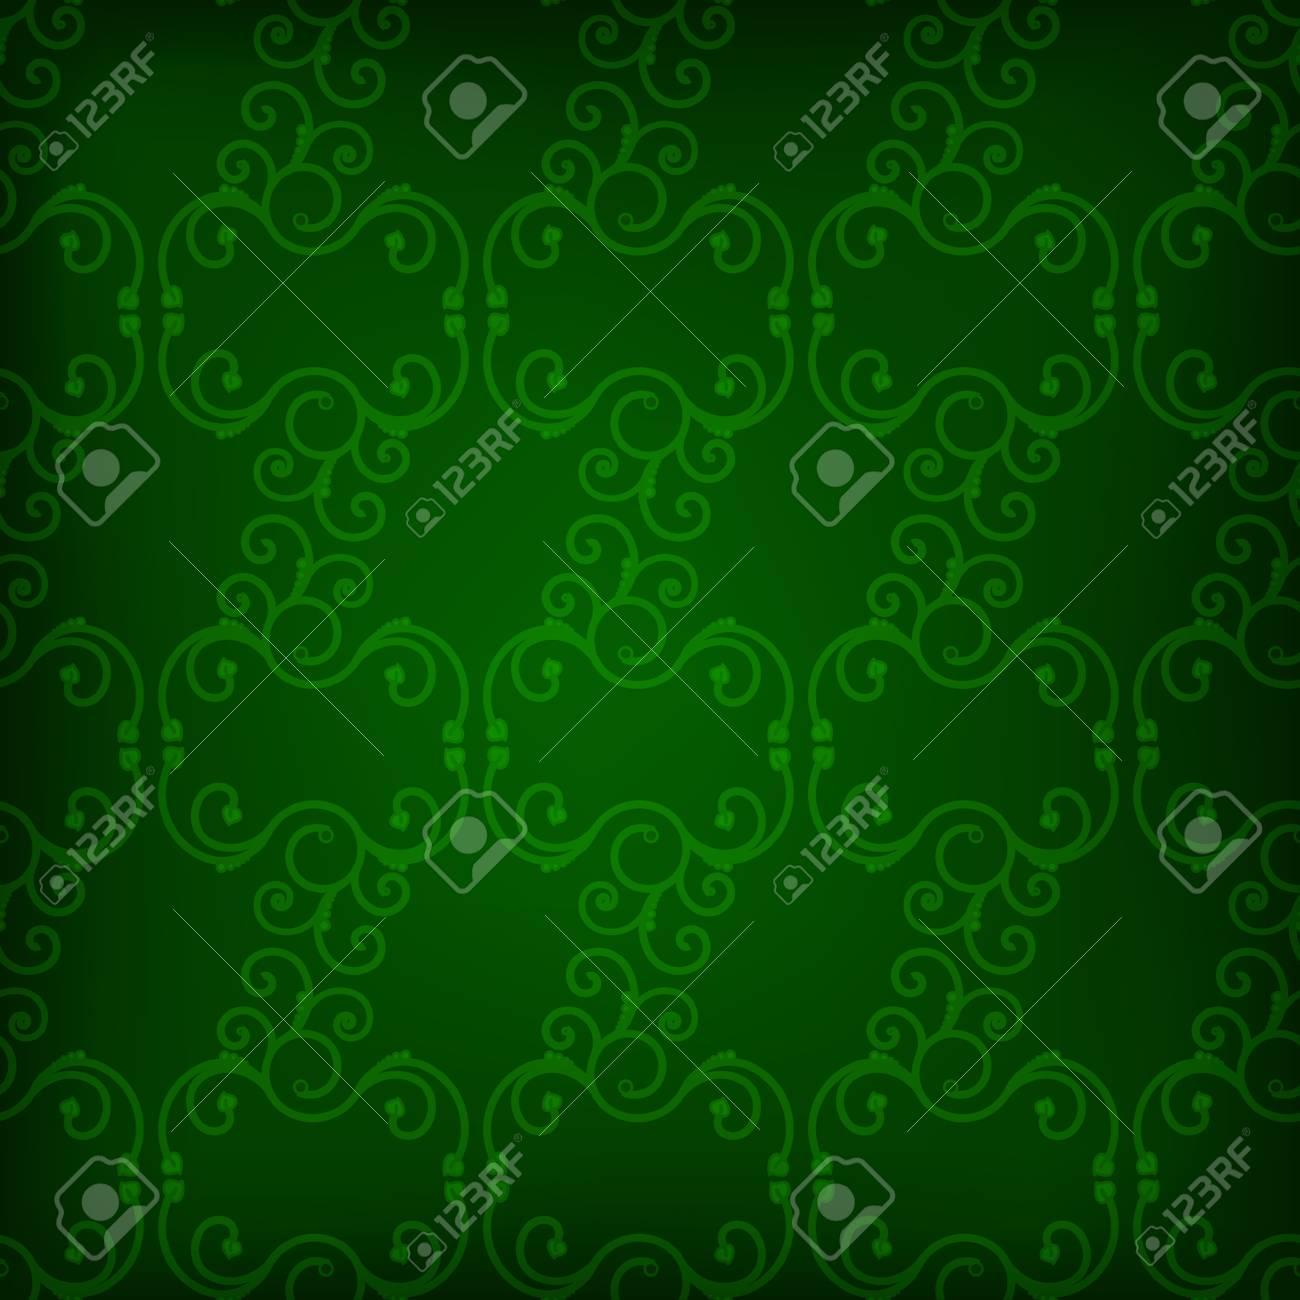 54052132 abstrakte nahtlose dunkelgr%C3%BCne tapete mit strudeln - Dunkelgrune Tapete